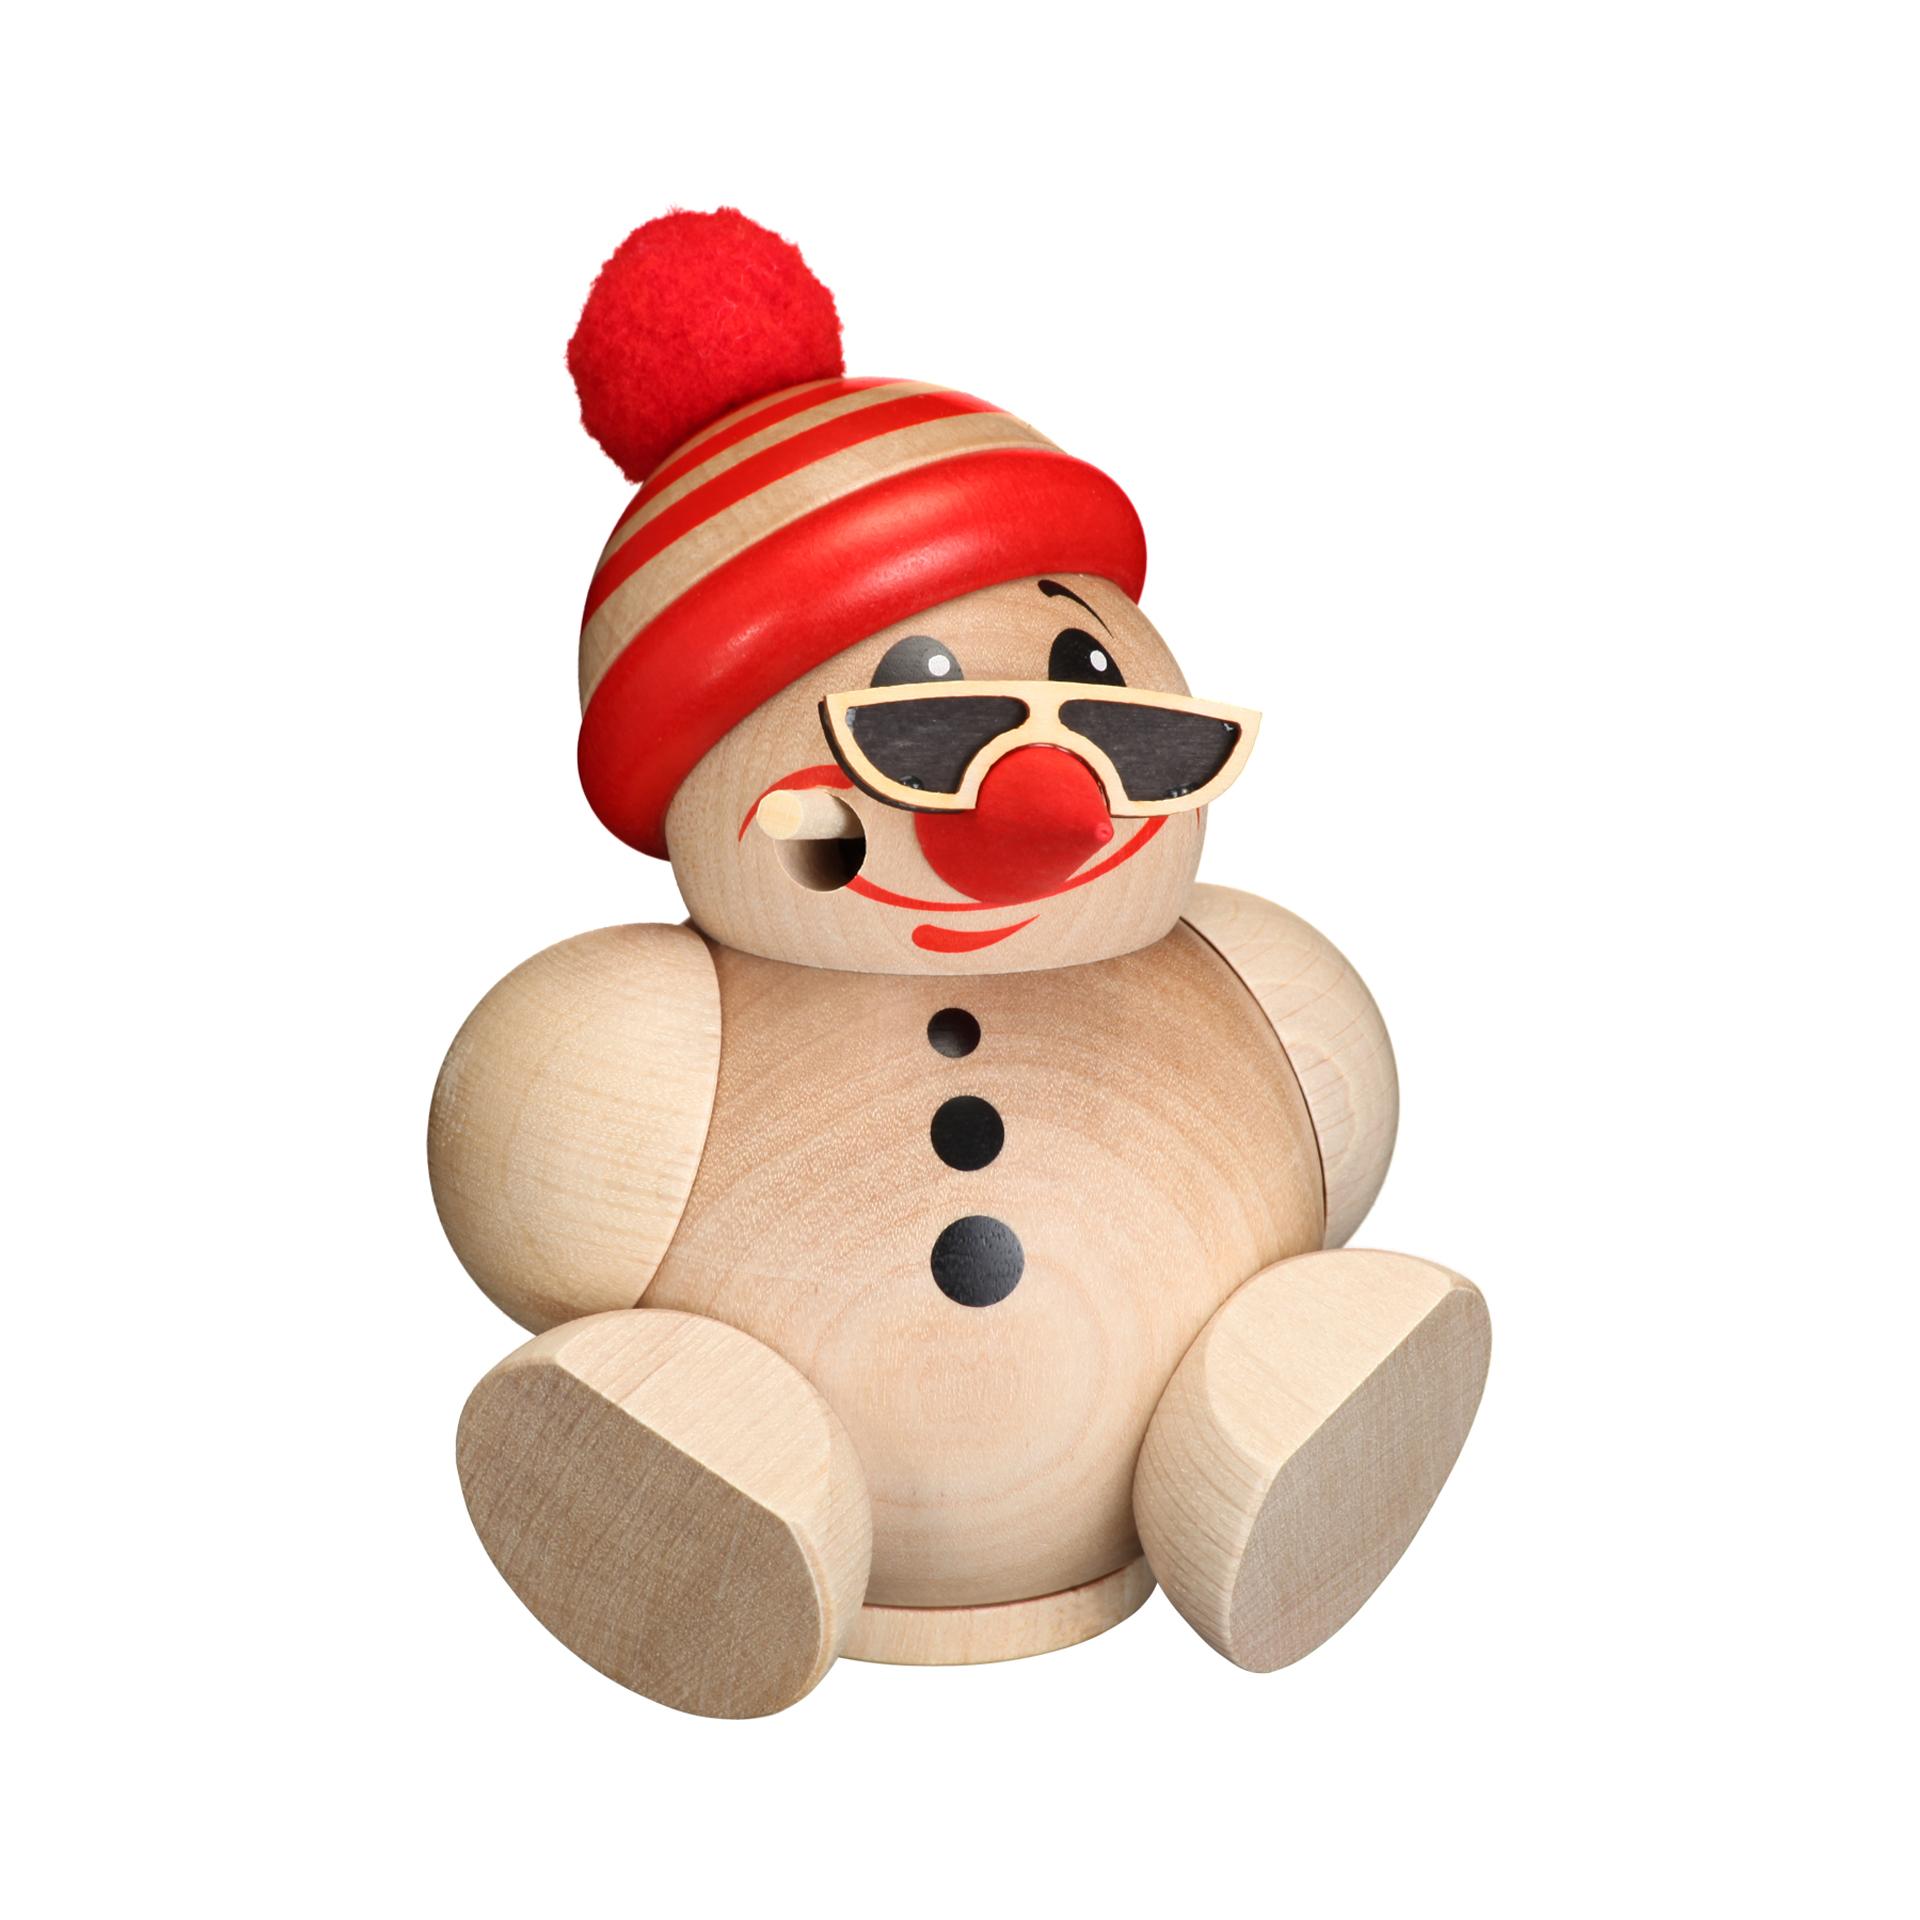 Rauchfigur Cool Man mit Mütze